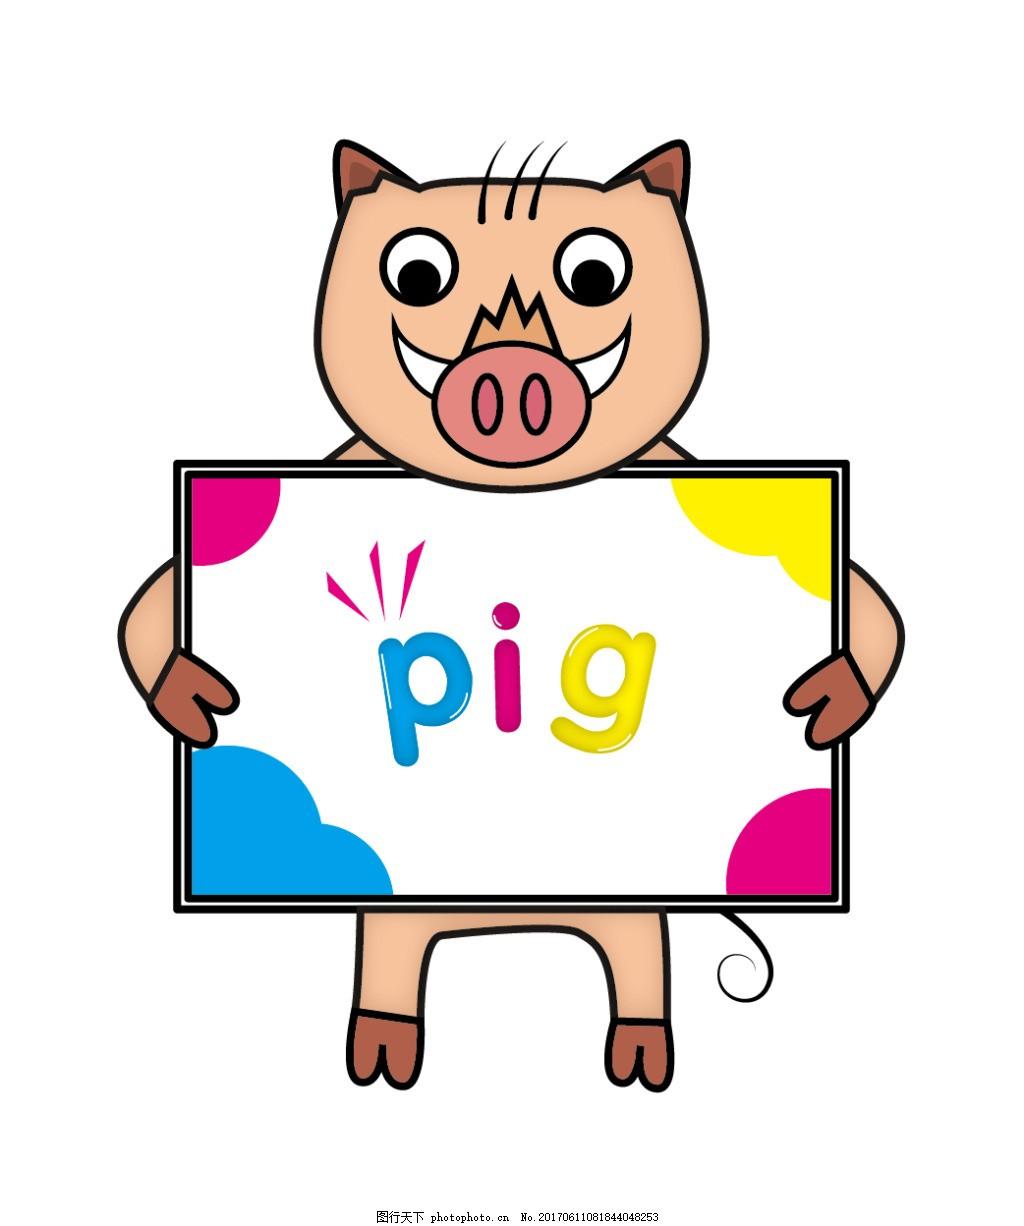 小猪插画 猪猪插画免费下载 手绘 猪猪画板 可爱 动物 手绘插画 ai